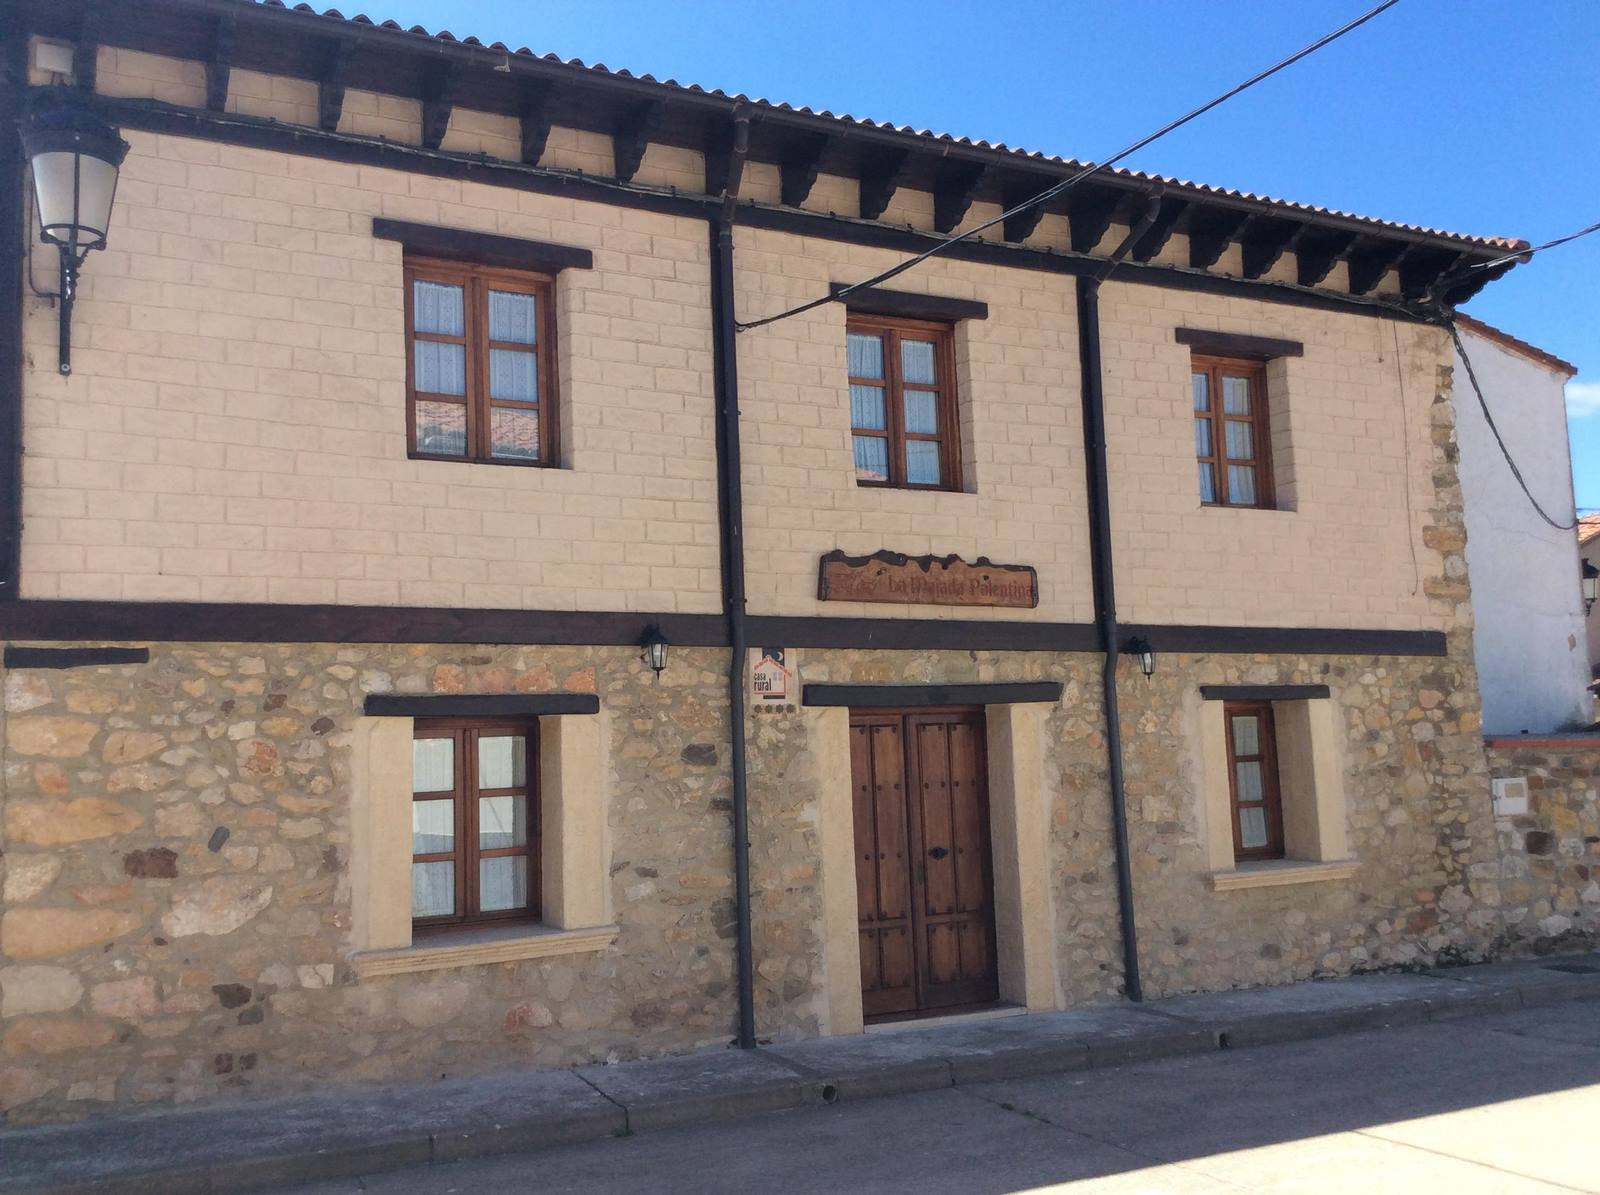 Alquiler vacaciones en Villanueva de Arriba, Palencia